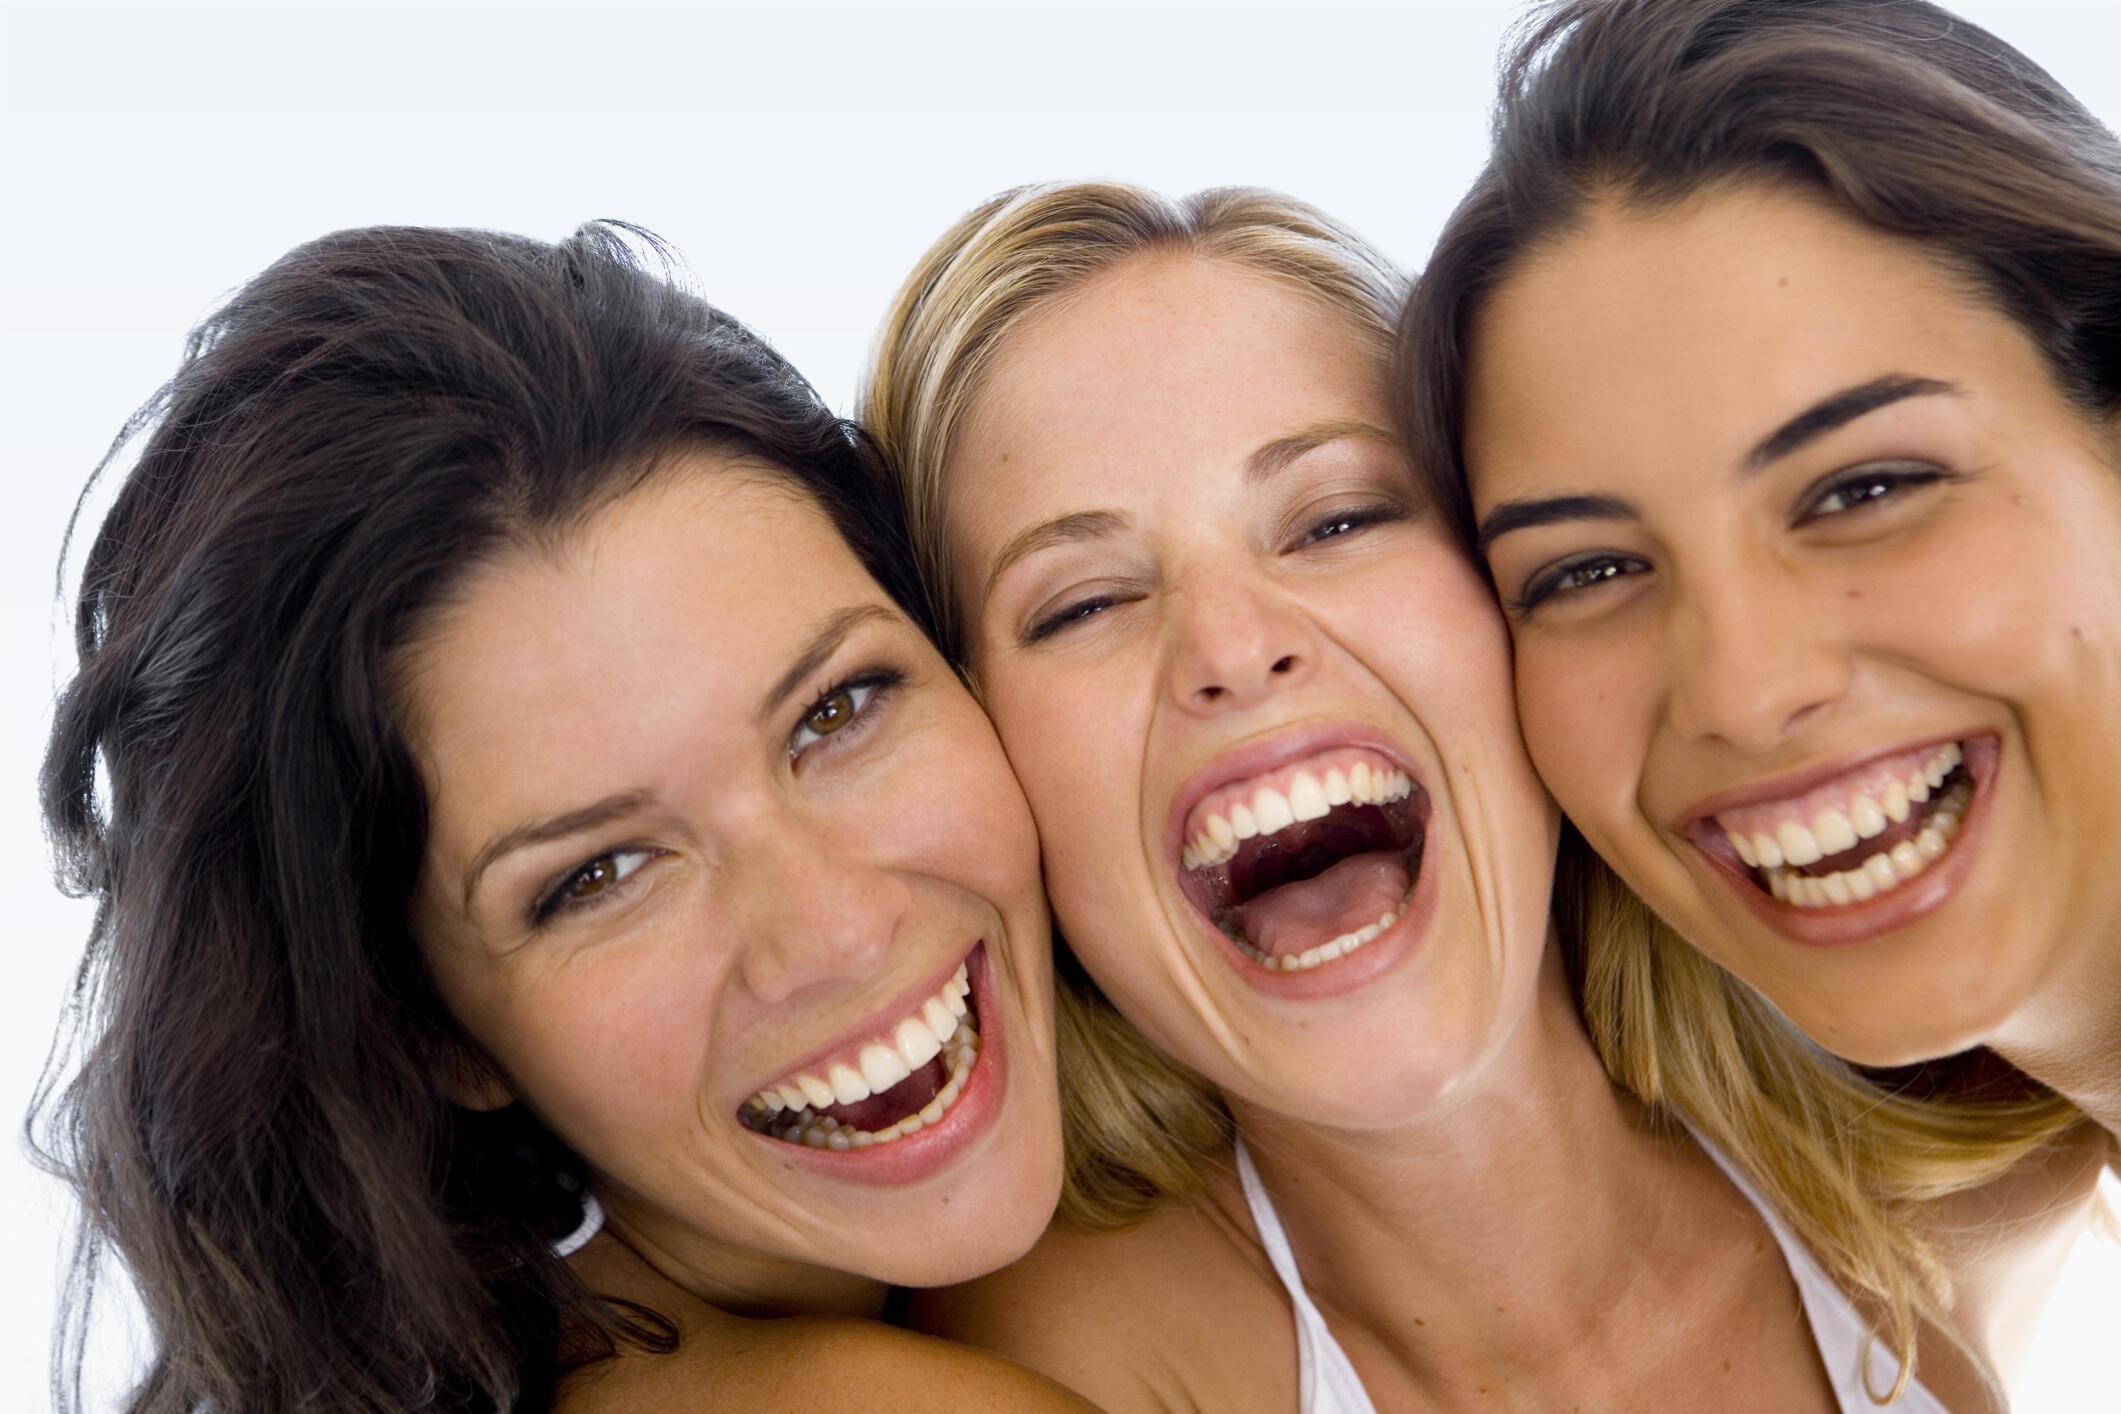 смеющийся человек фото девочки